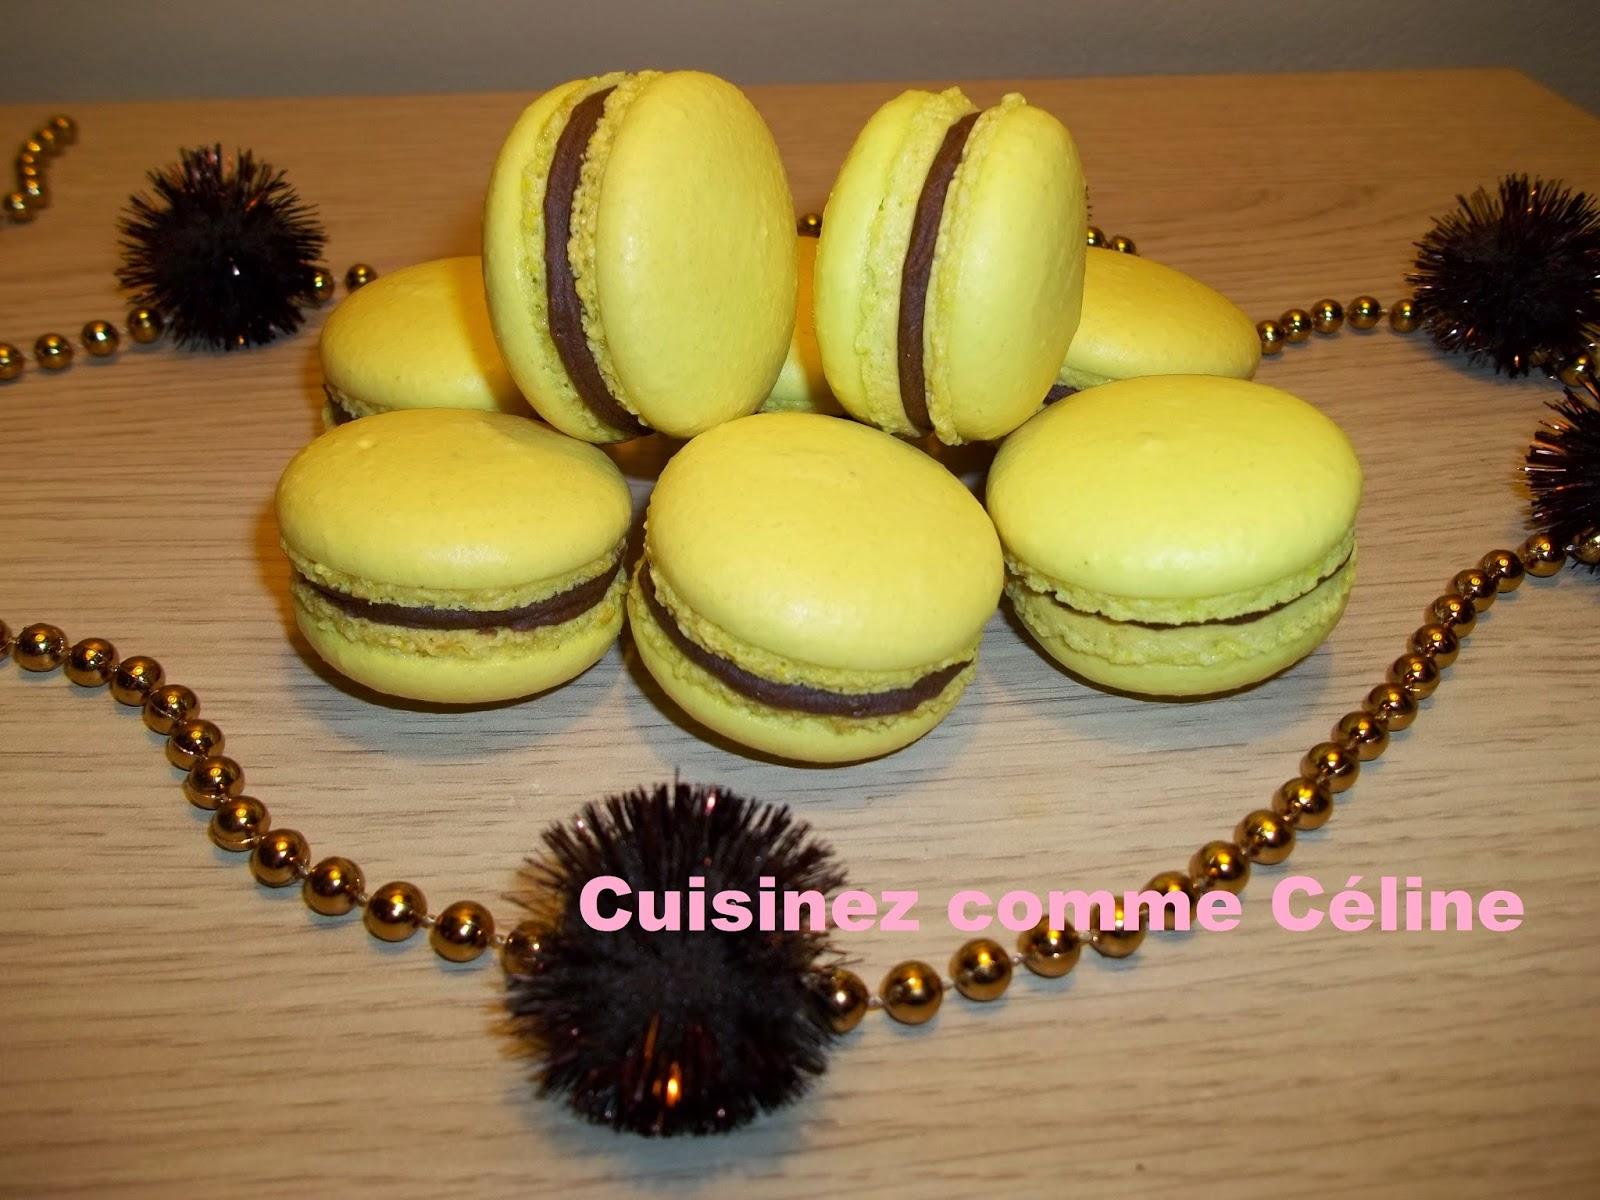 http://cuisinezcommeceline.blogspot.fr/2015/01/macarons-speculoos.html